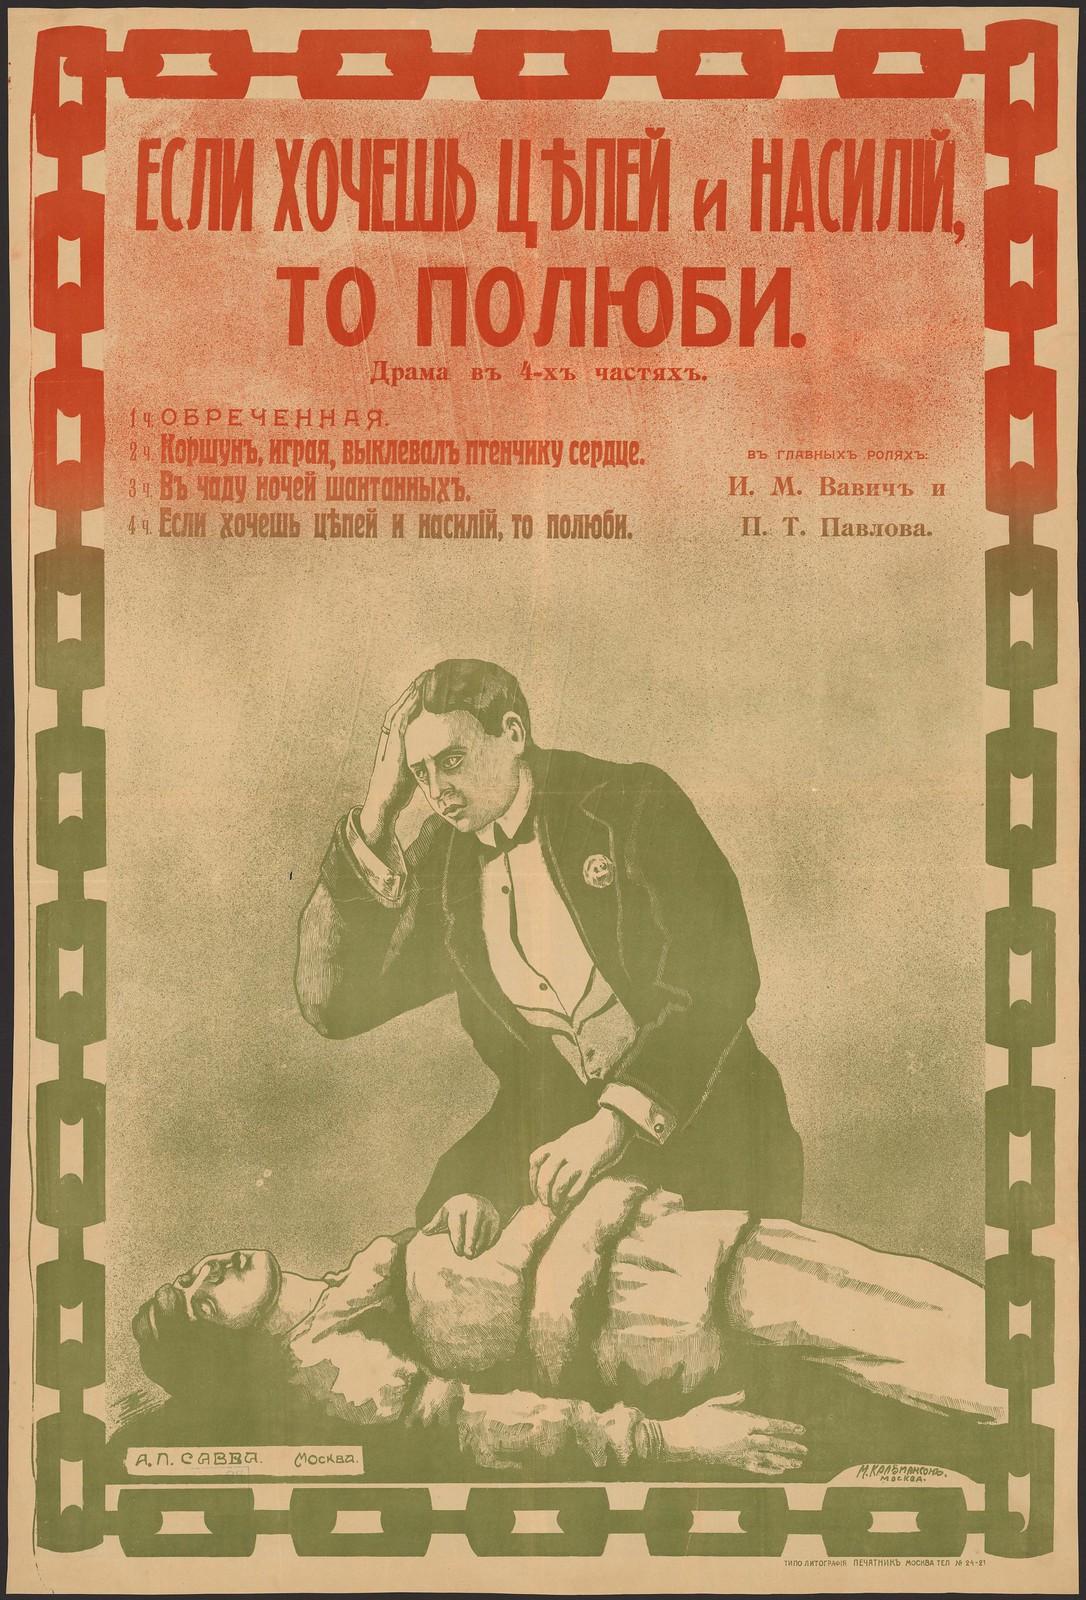 1916. «Если хочешь цепей и насилий, то полюби»